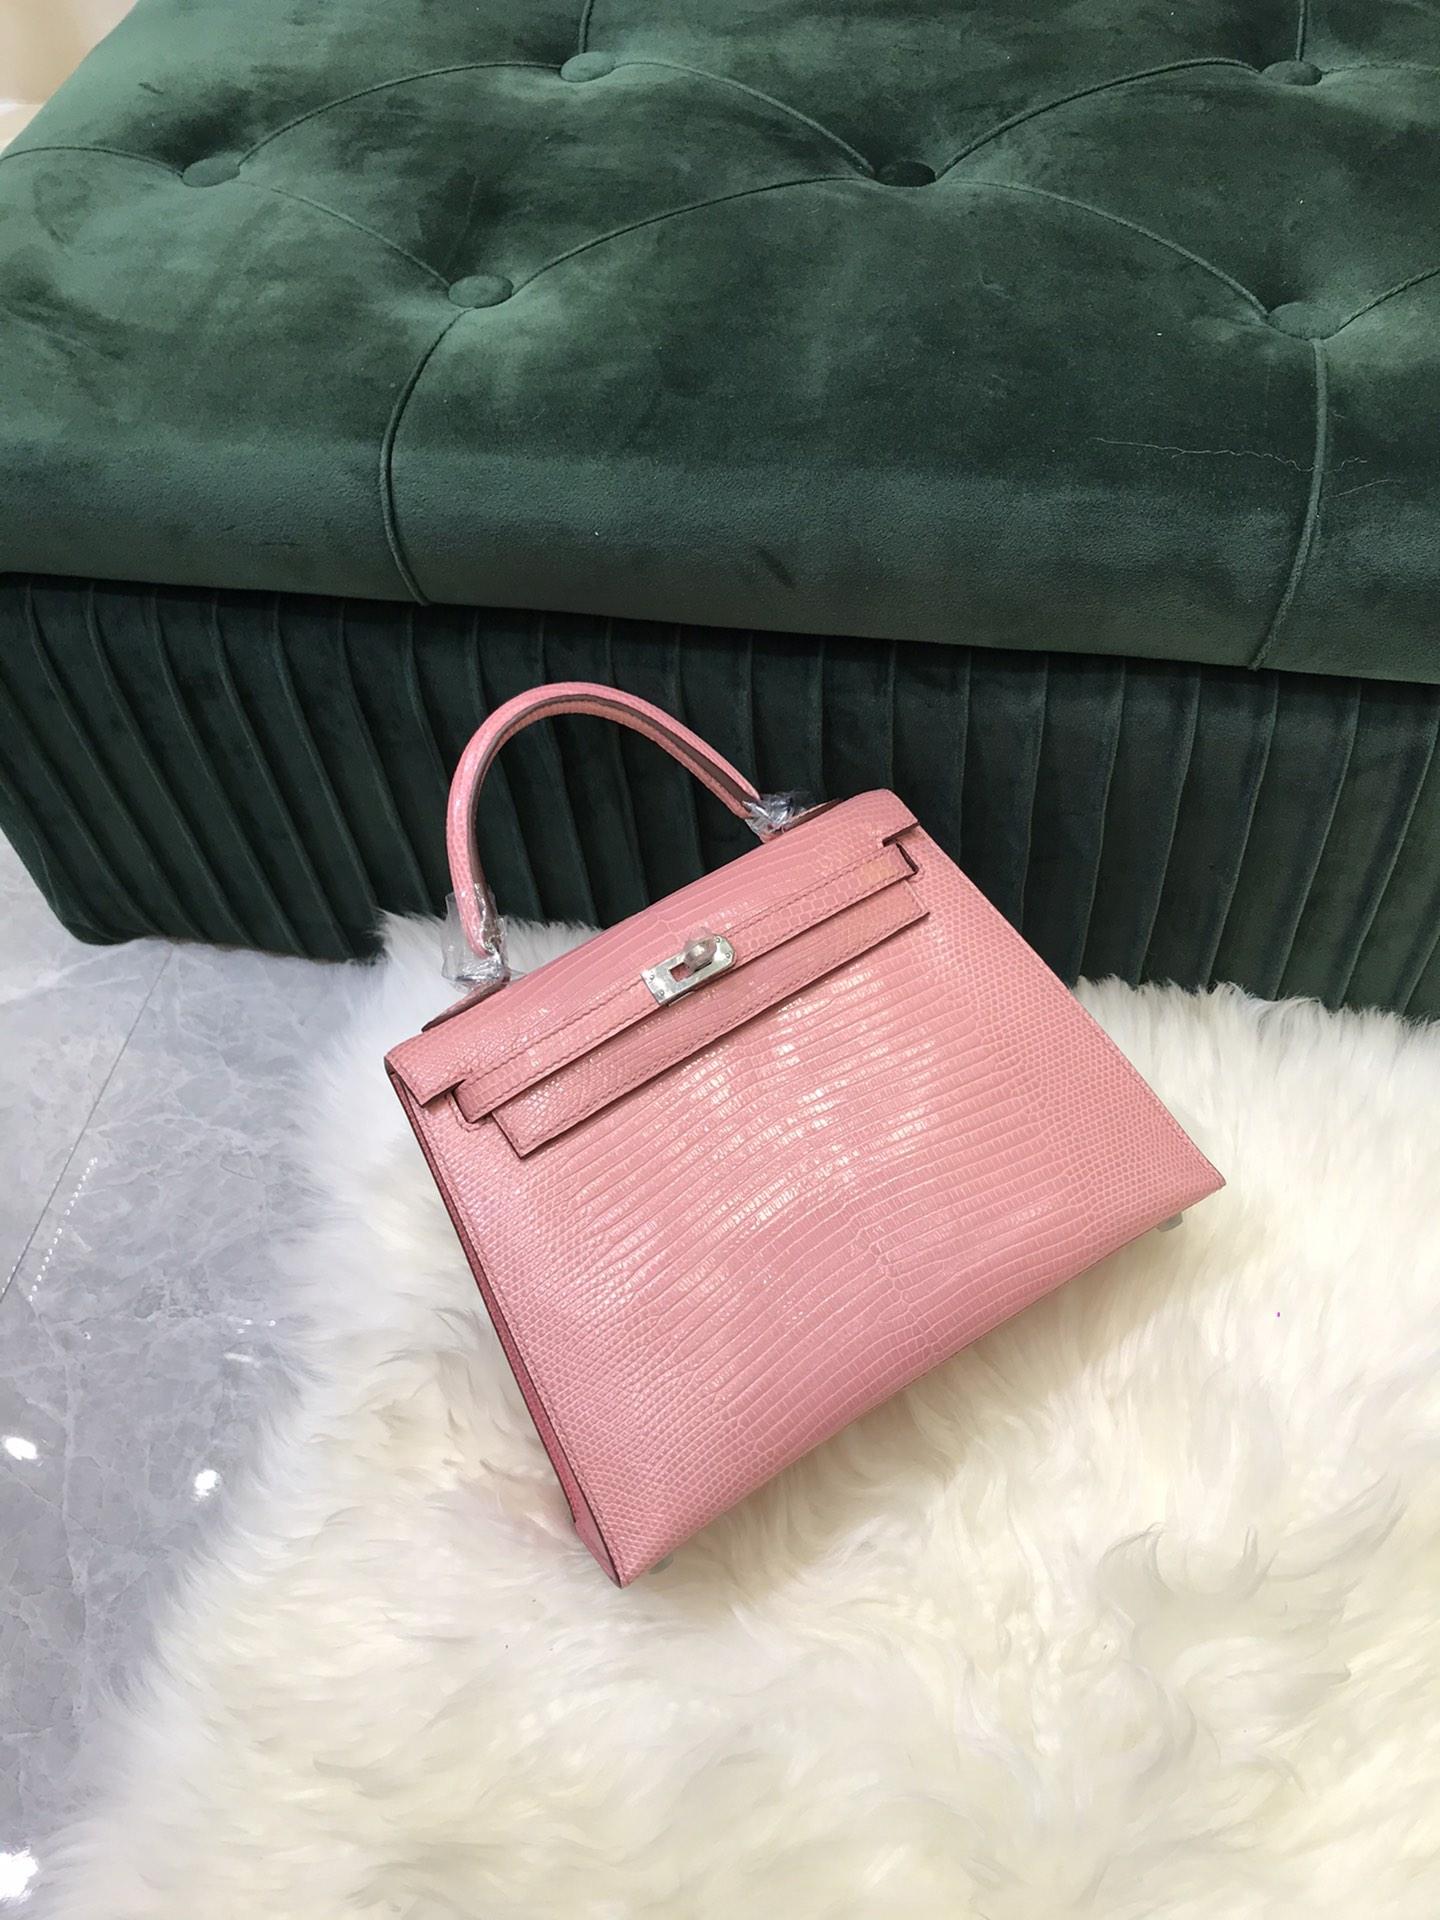 اليدوية تماما سحلية العلامة التجارية حقيبة يد ، المصممين محفظة ، 25 سنتيمتر حقيبة ترفيه ، الشمع خط خياطة ، تسليم سريع